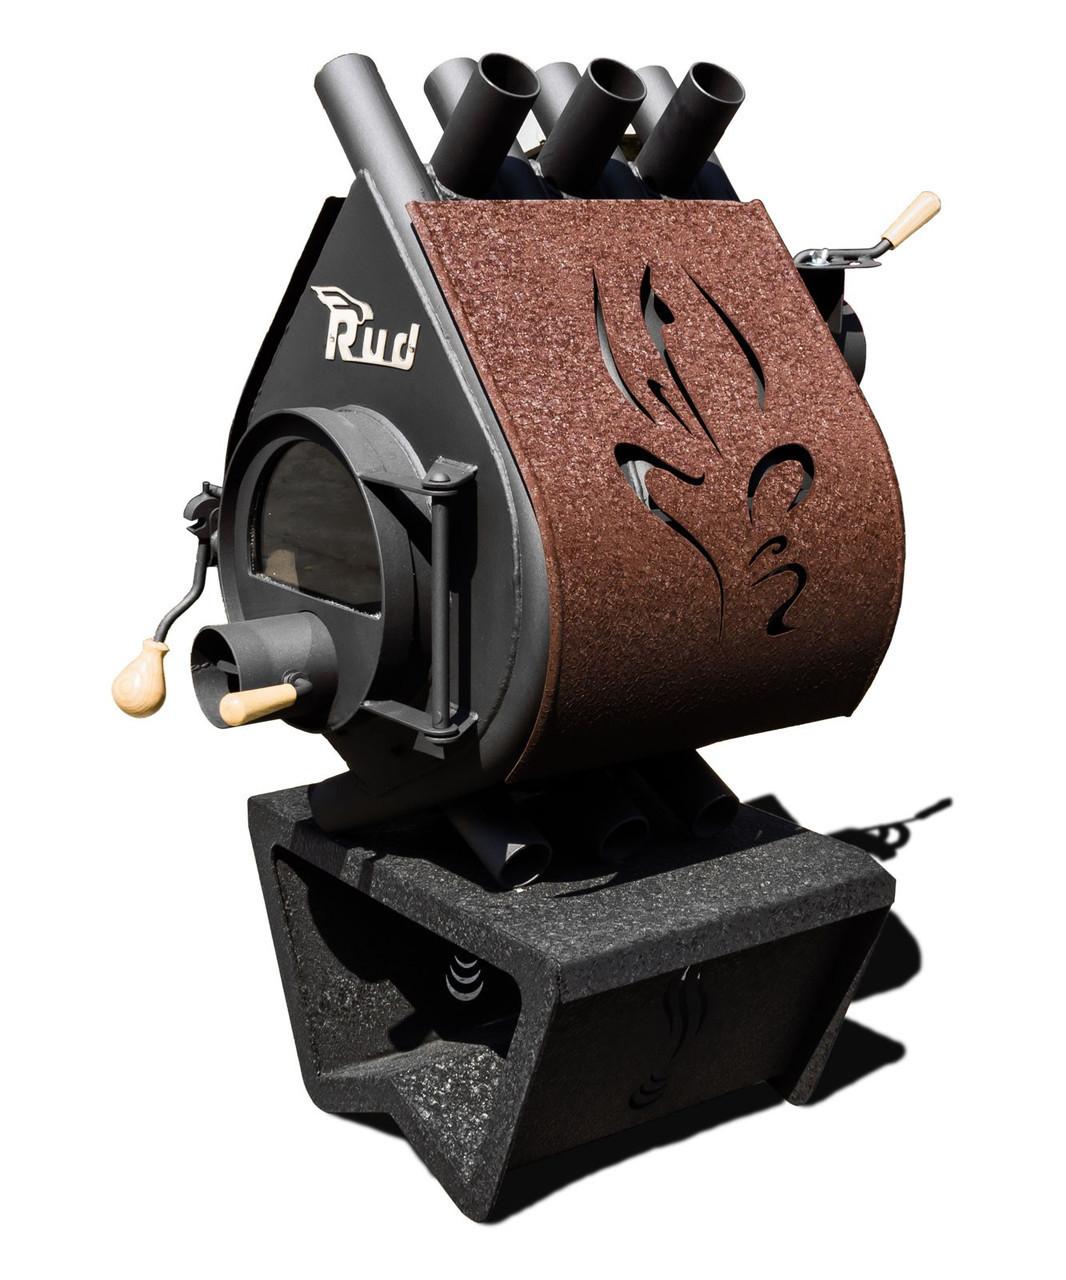 Булерьян, отопительная печь Rud Pyrotron Кантри 00 С обшивкой декоративной (коричневая)